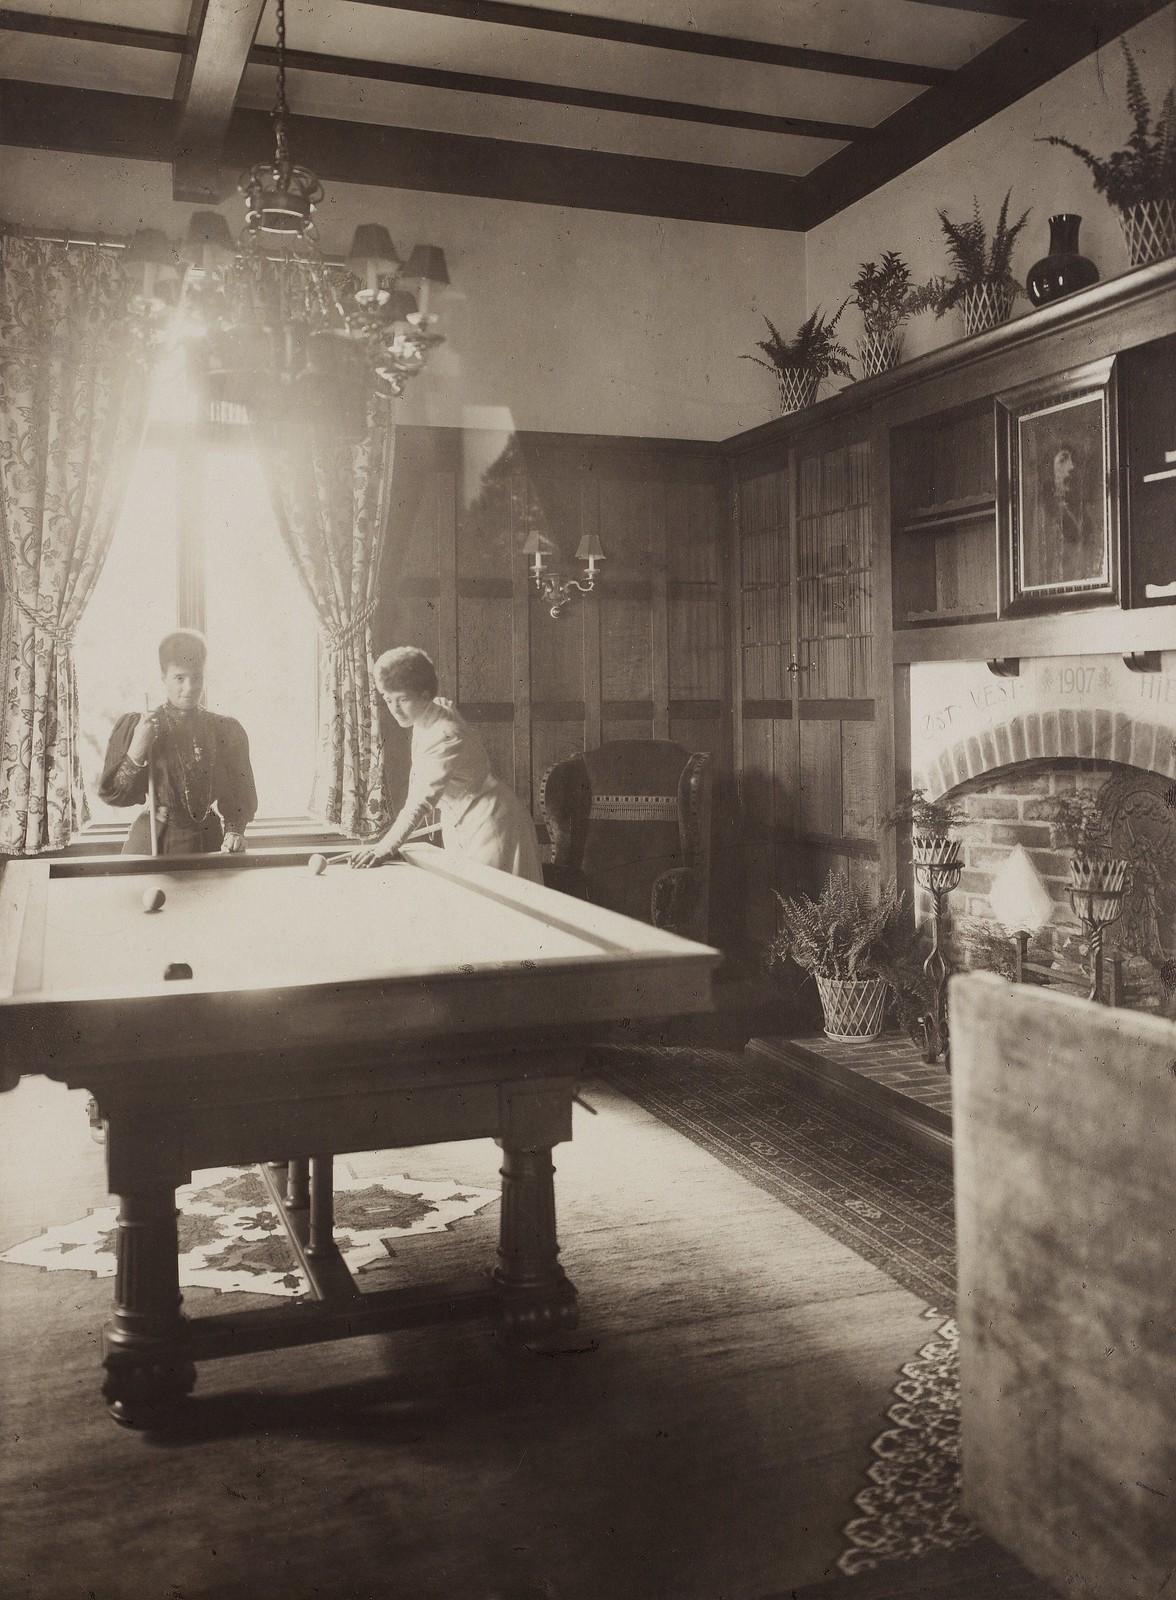 1907. Вдовствующая царица Мария Федоровна играет на бильярде с сестрой, королевой Александрой